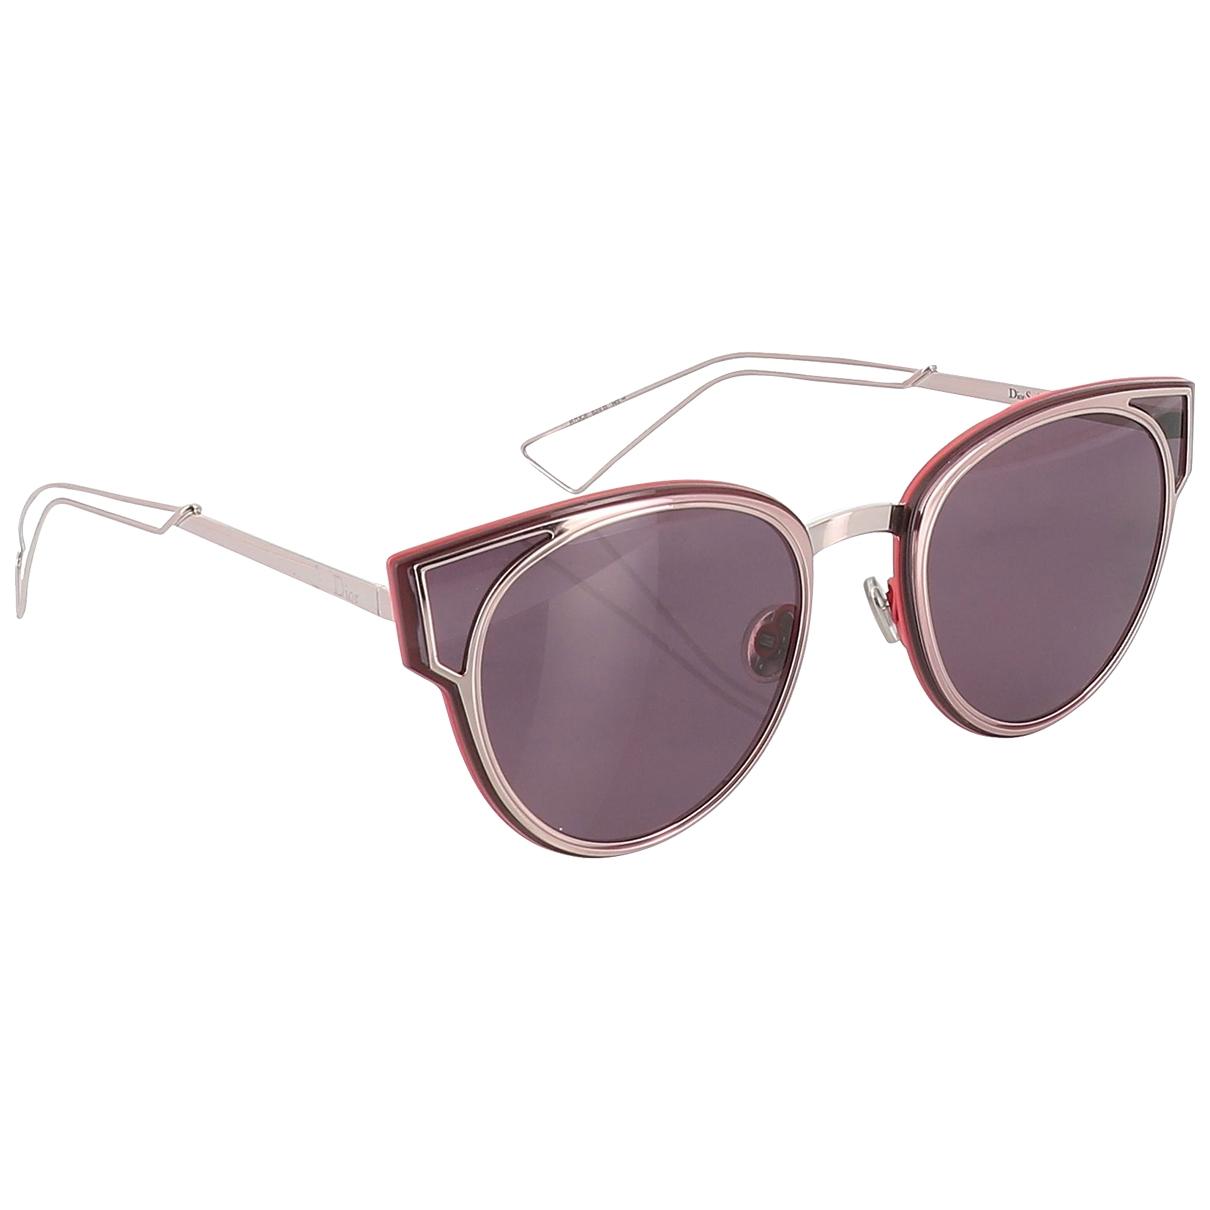 Gafas Sideral 2 Dior